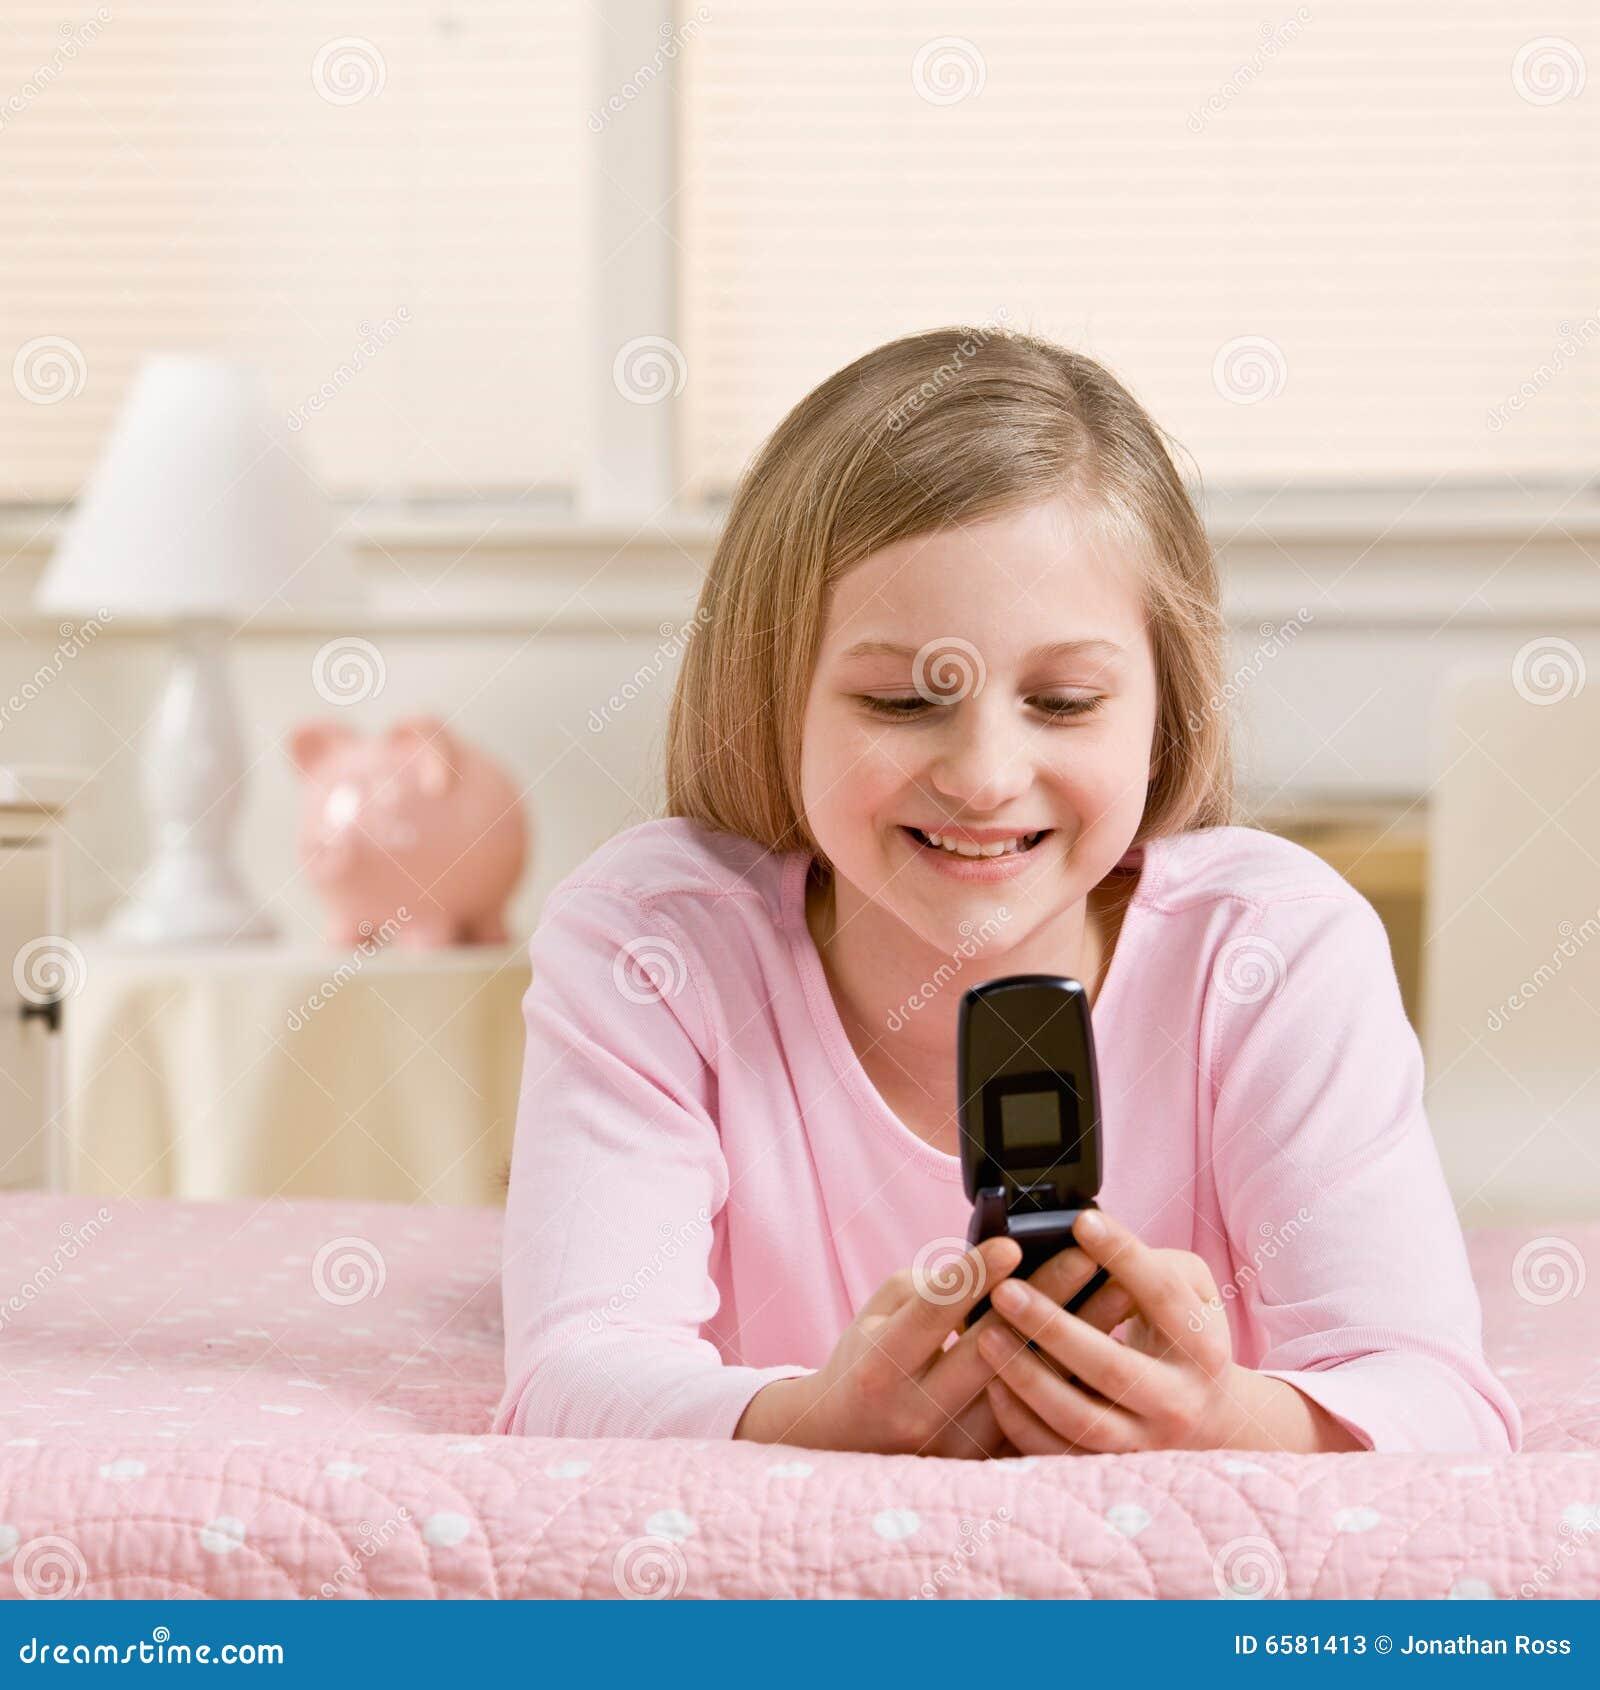 Envio de mensagem de texto da menina no telefone de pilha em seu quarto